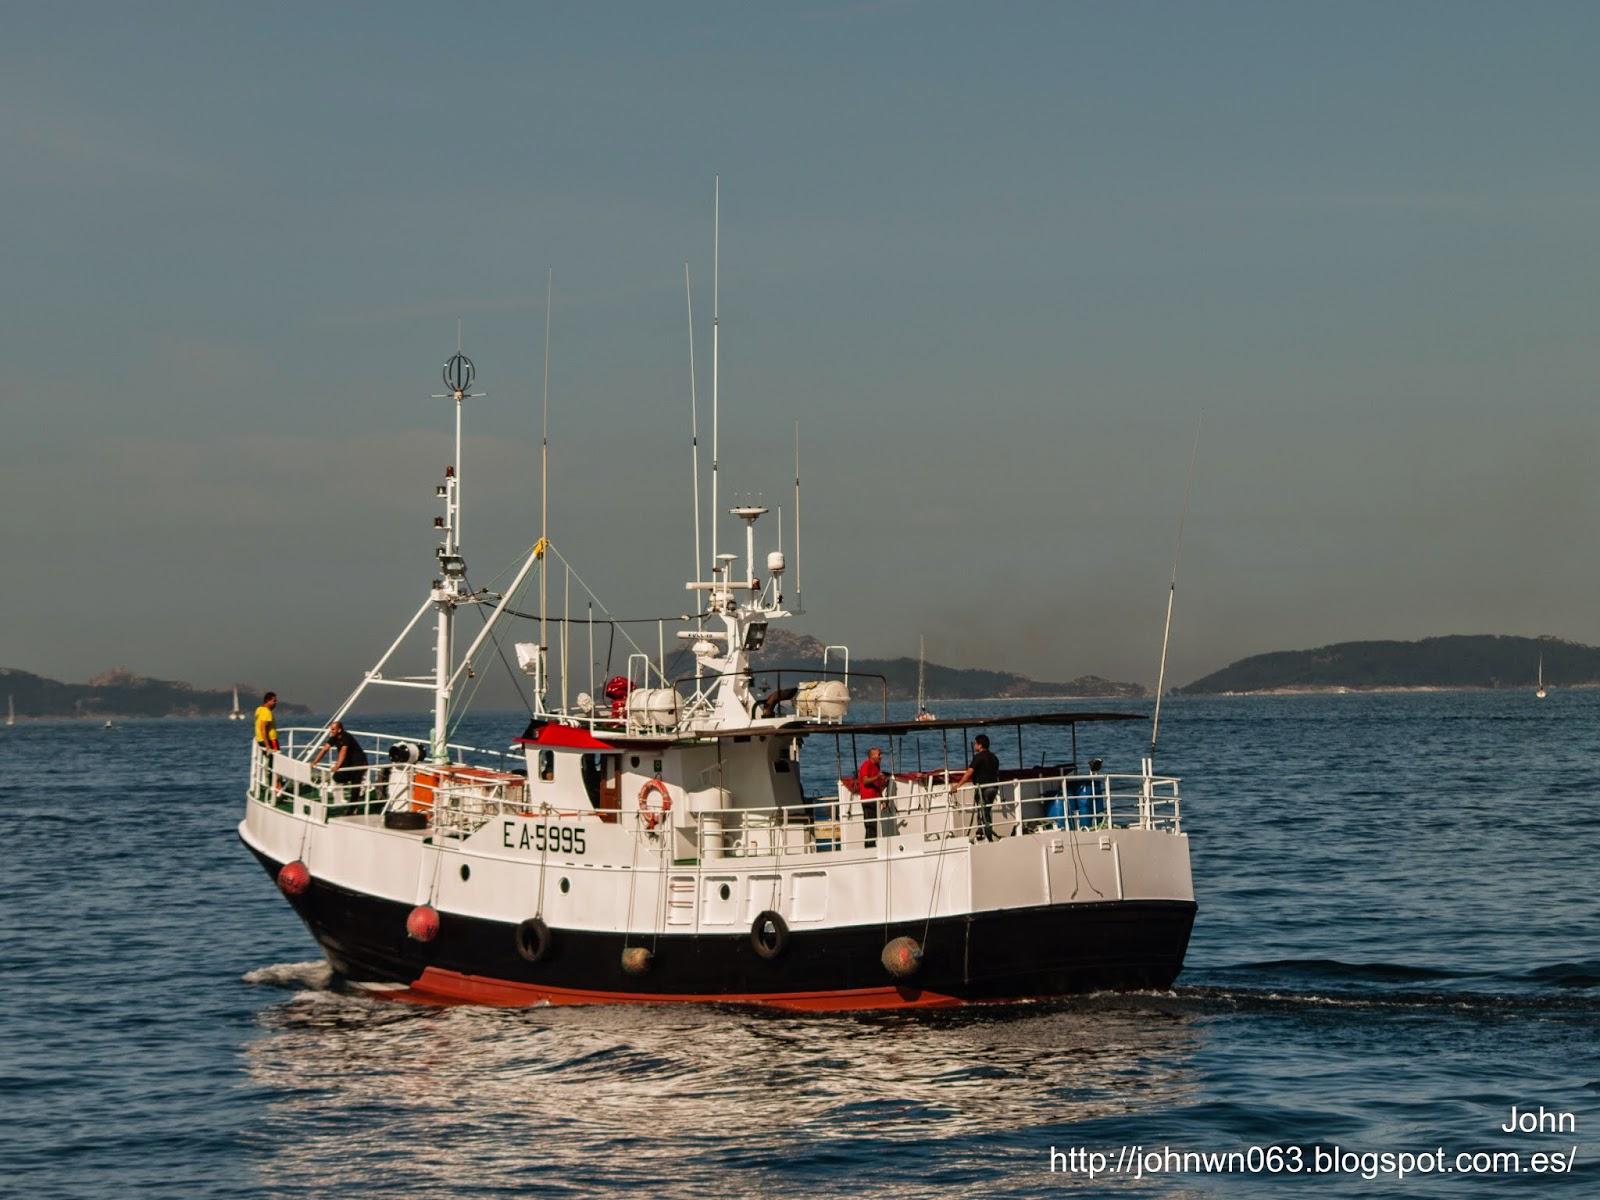 fotos de barcos, imagenes de barcos, pesquero, betania, vigo